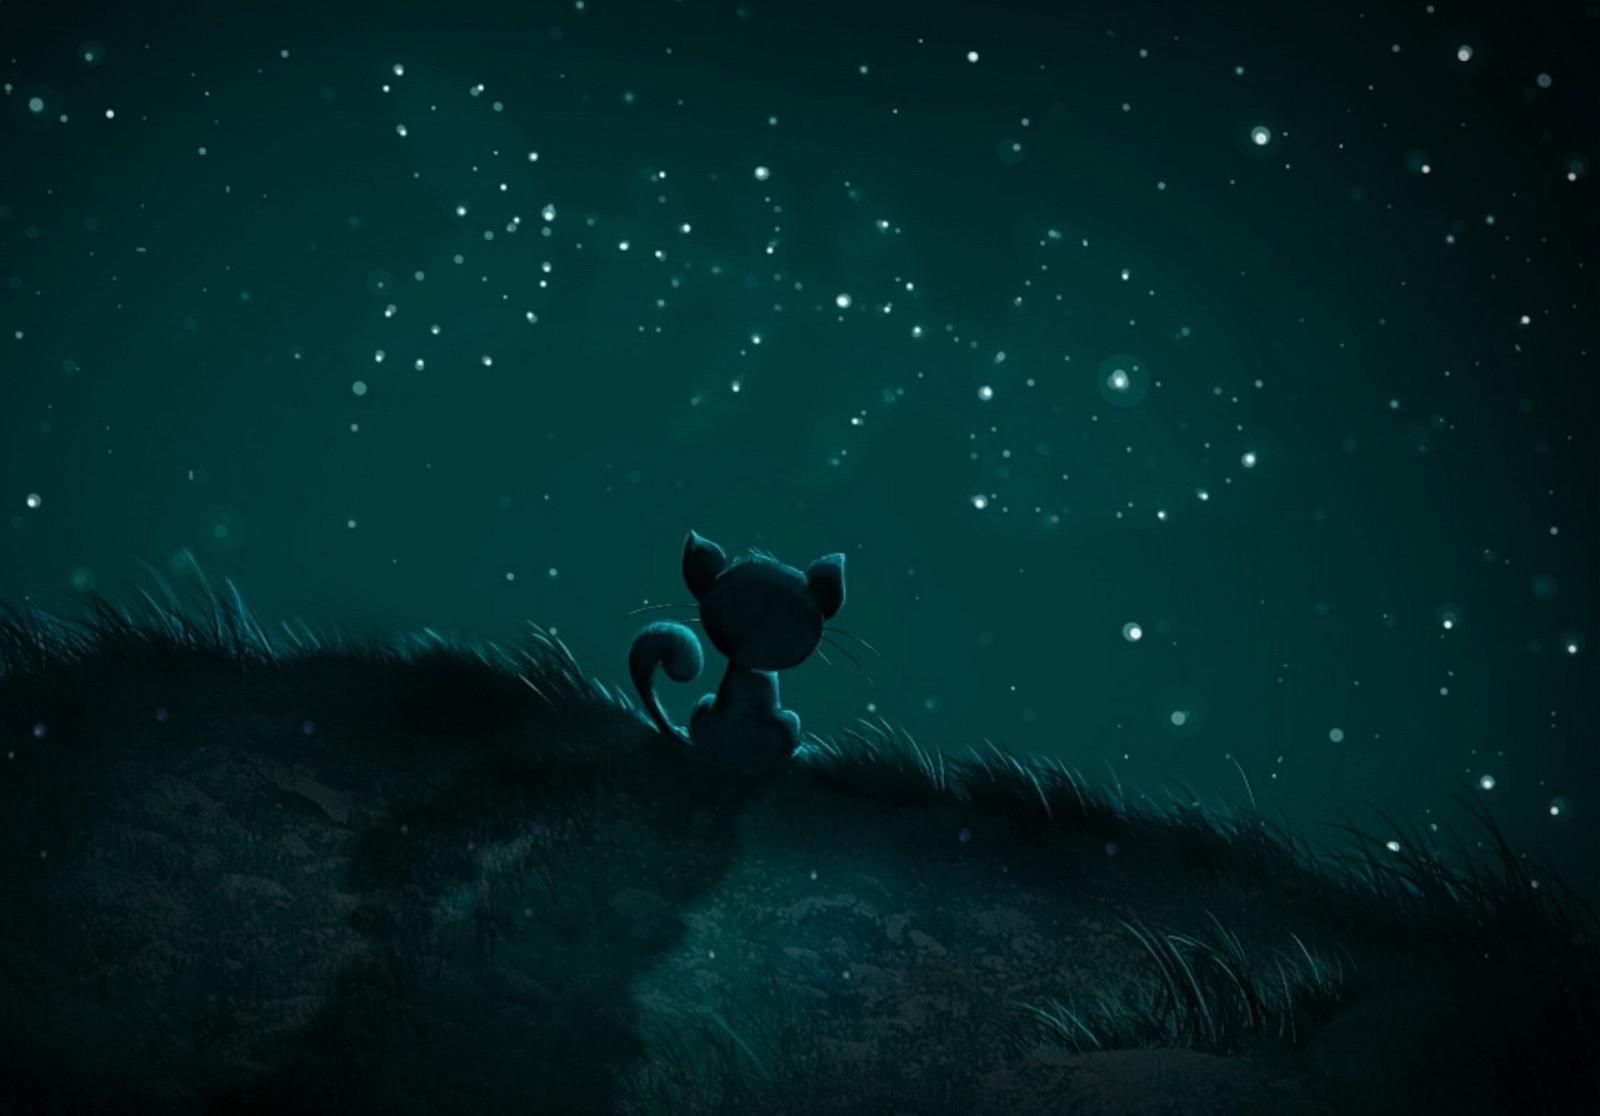 Смешные картинки про ночь и любовь, живые картинки анимационные